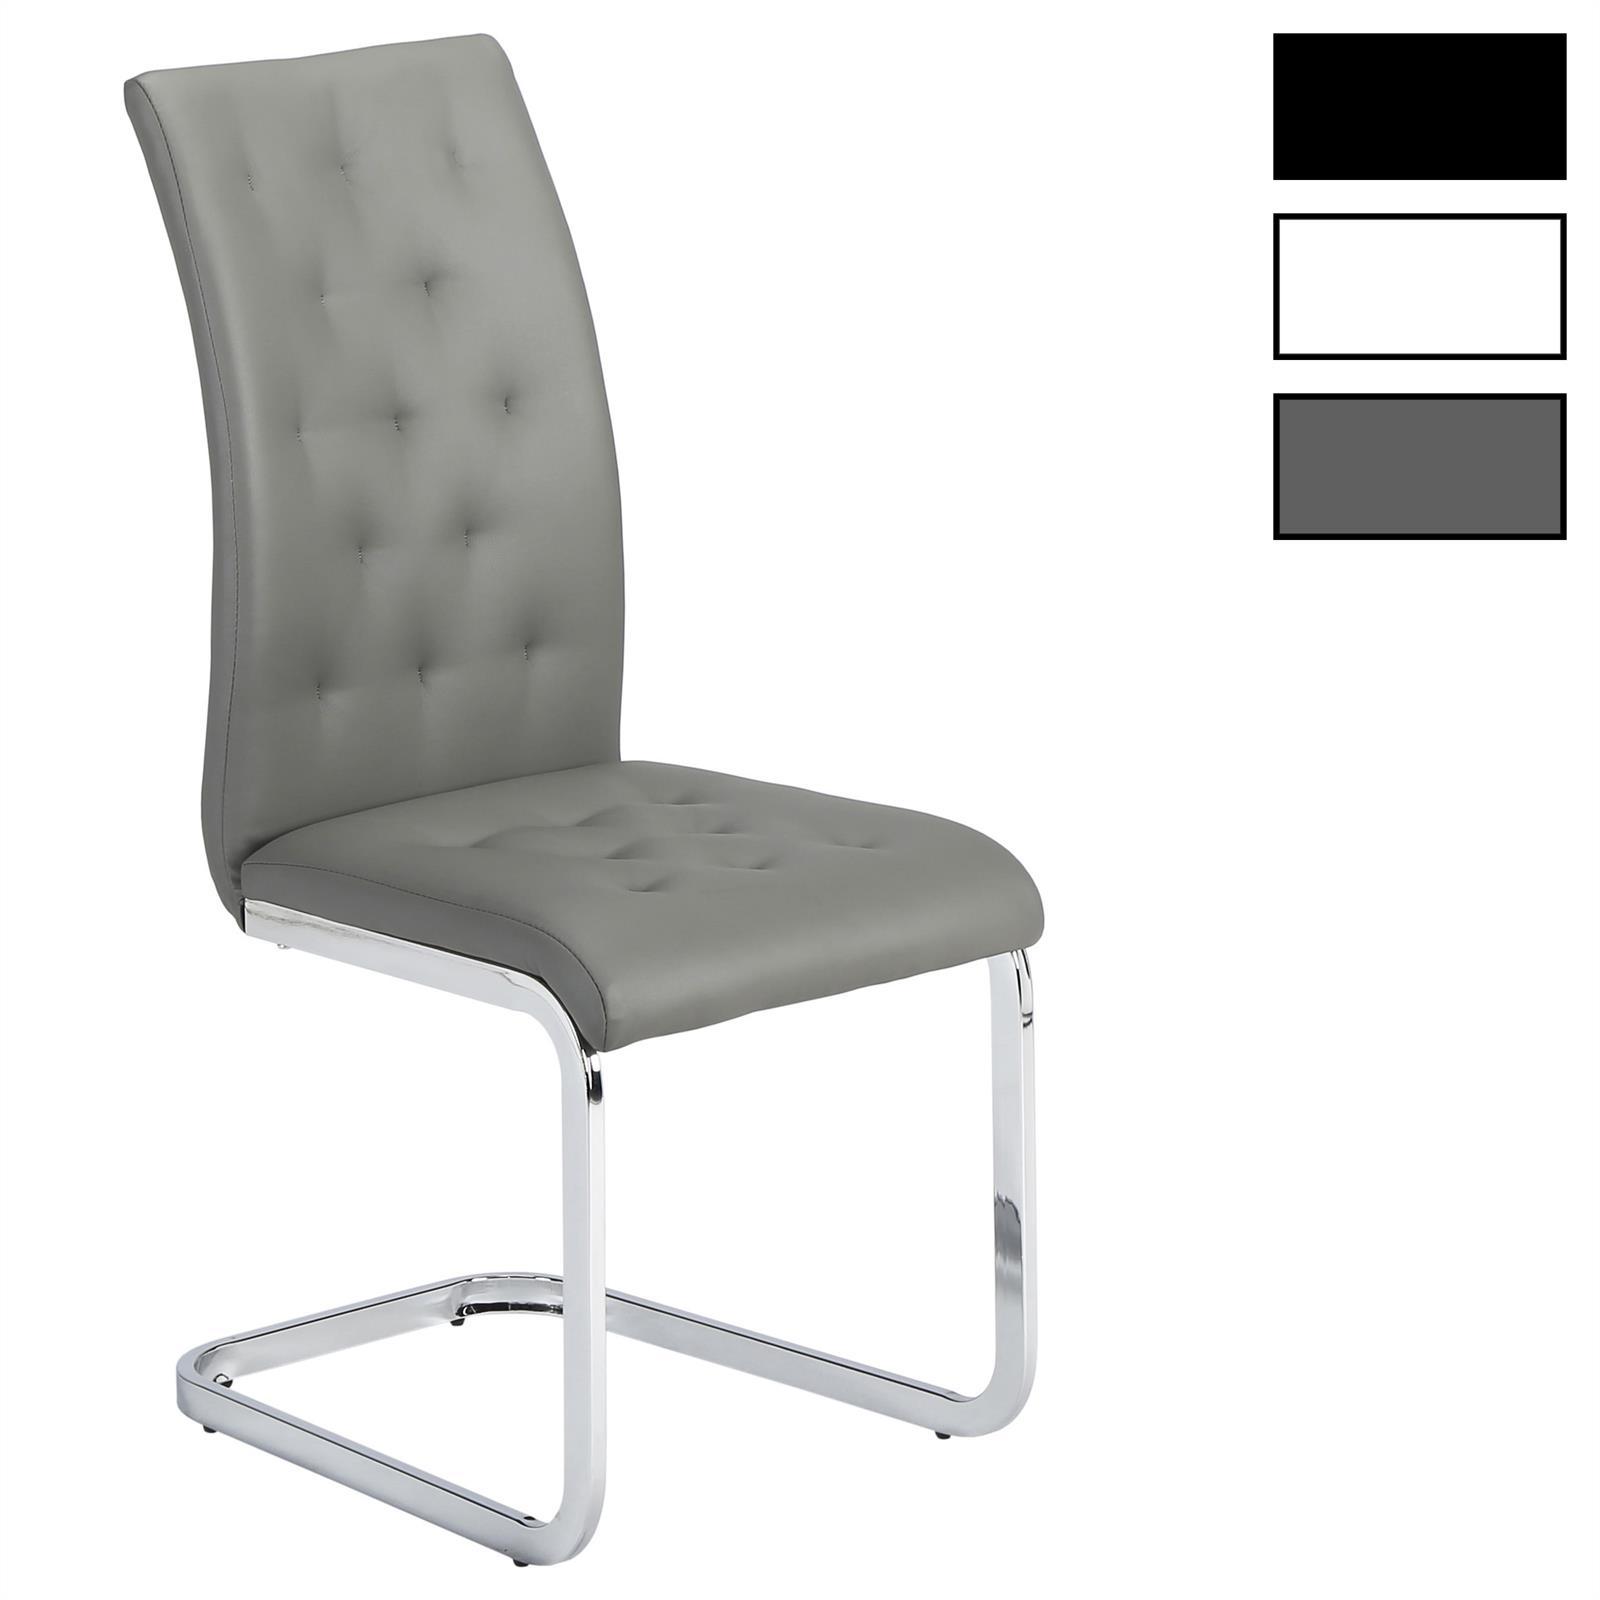 Esszimmerstuhl chloe im attraktiven design mobilia24 for Designer esszimmerstuhl